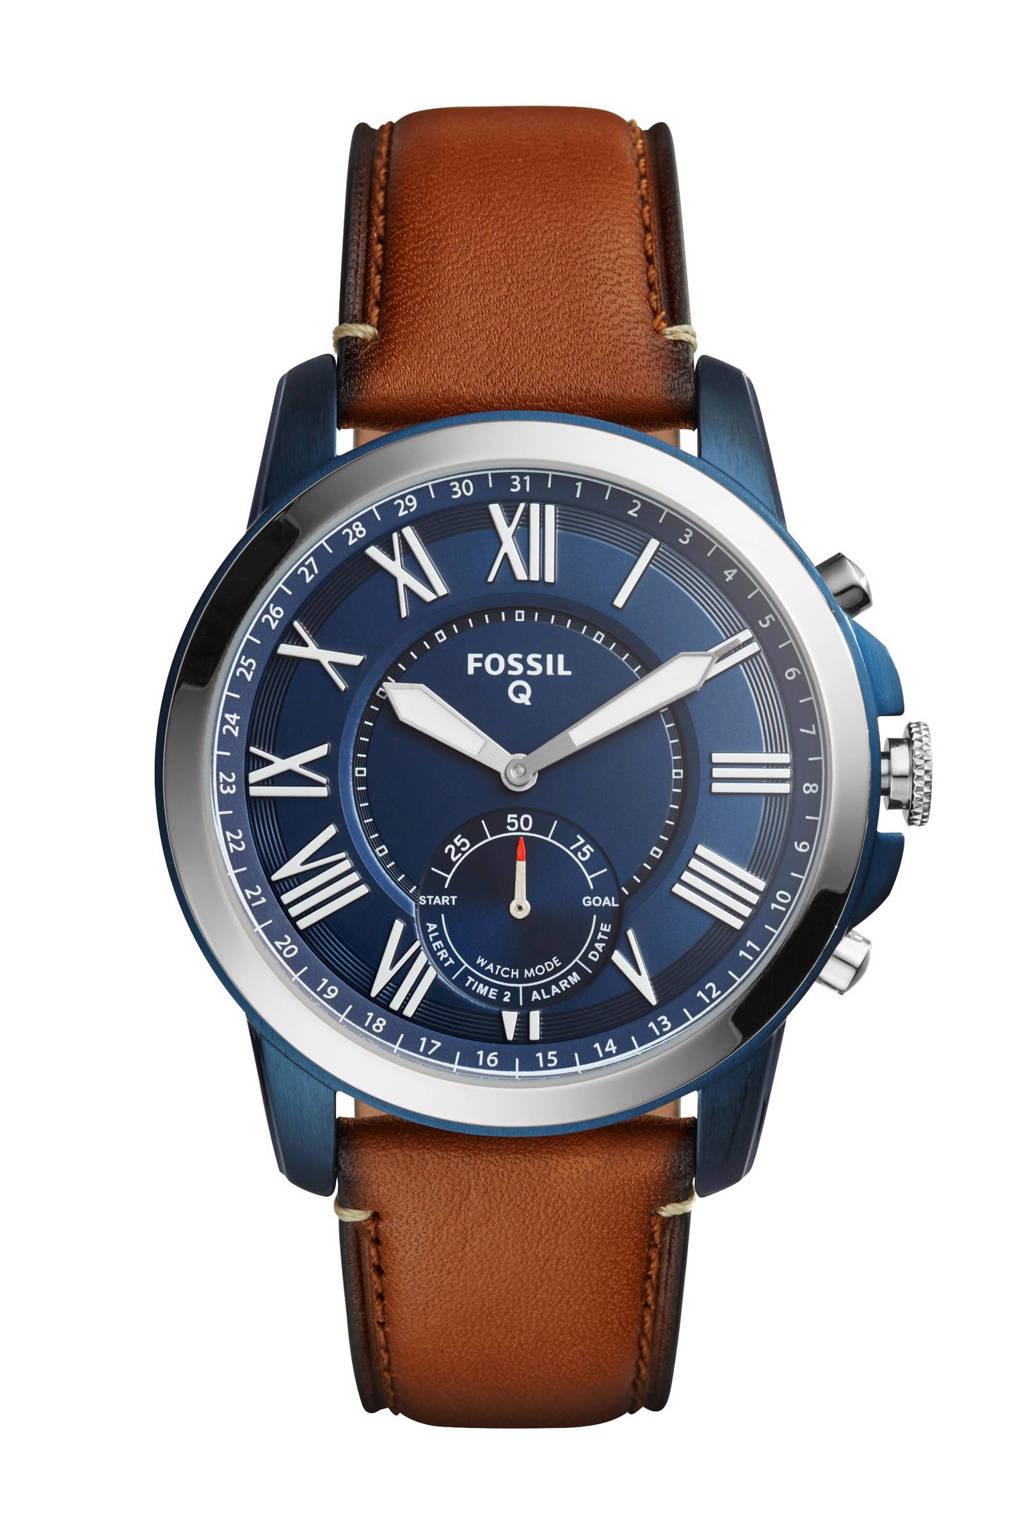 Fossil Q Grant heren Hybrid smartwatch FTW1147, Bruin/blauw